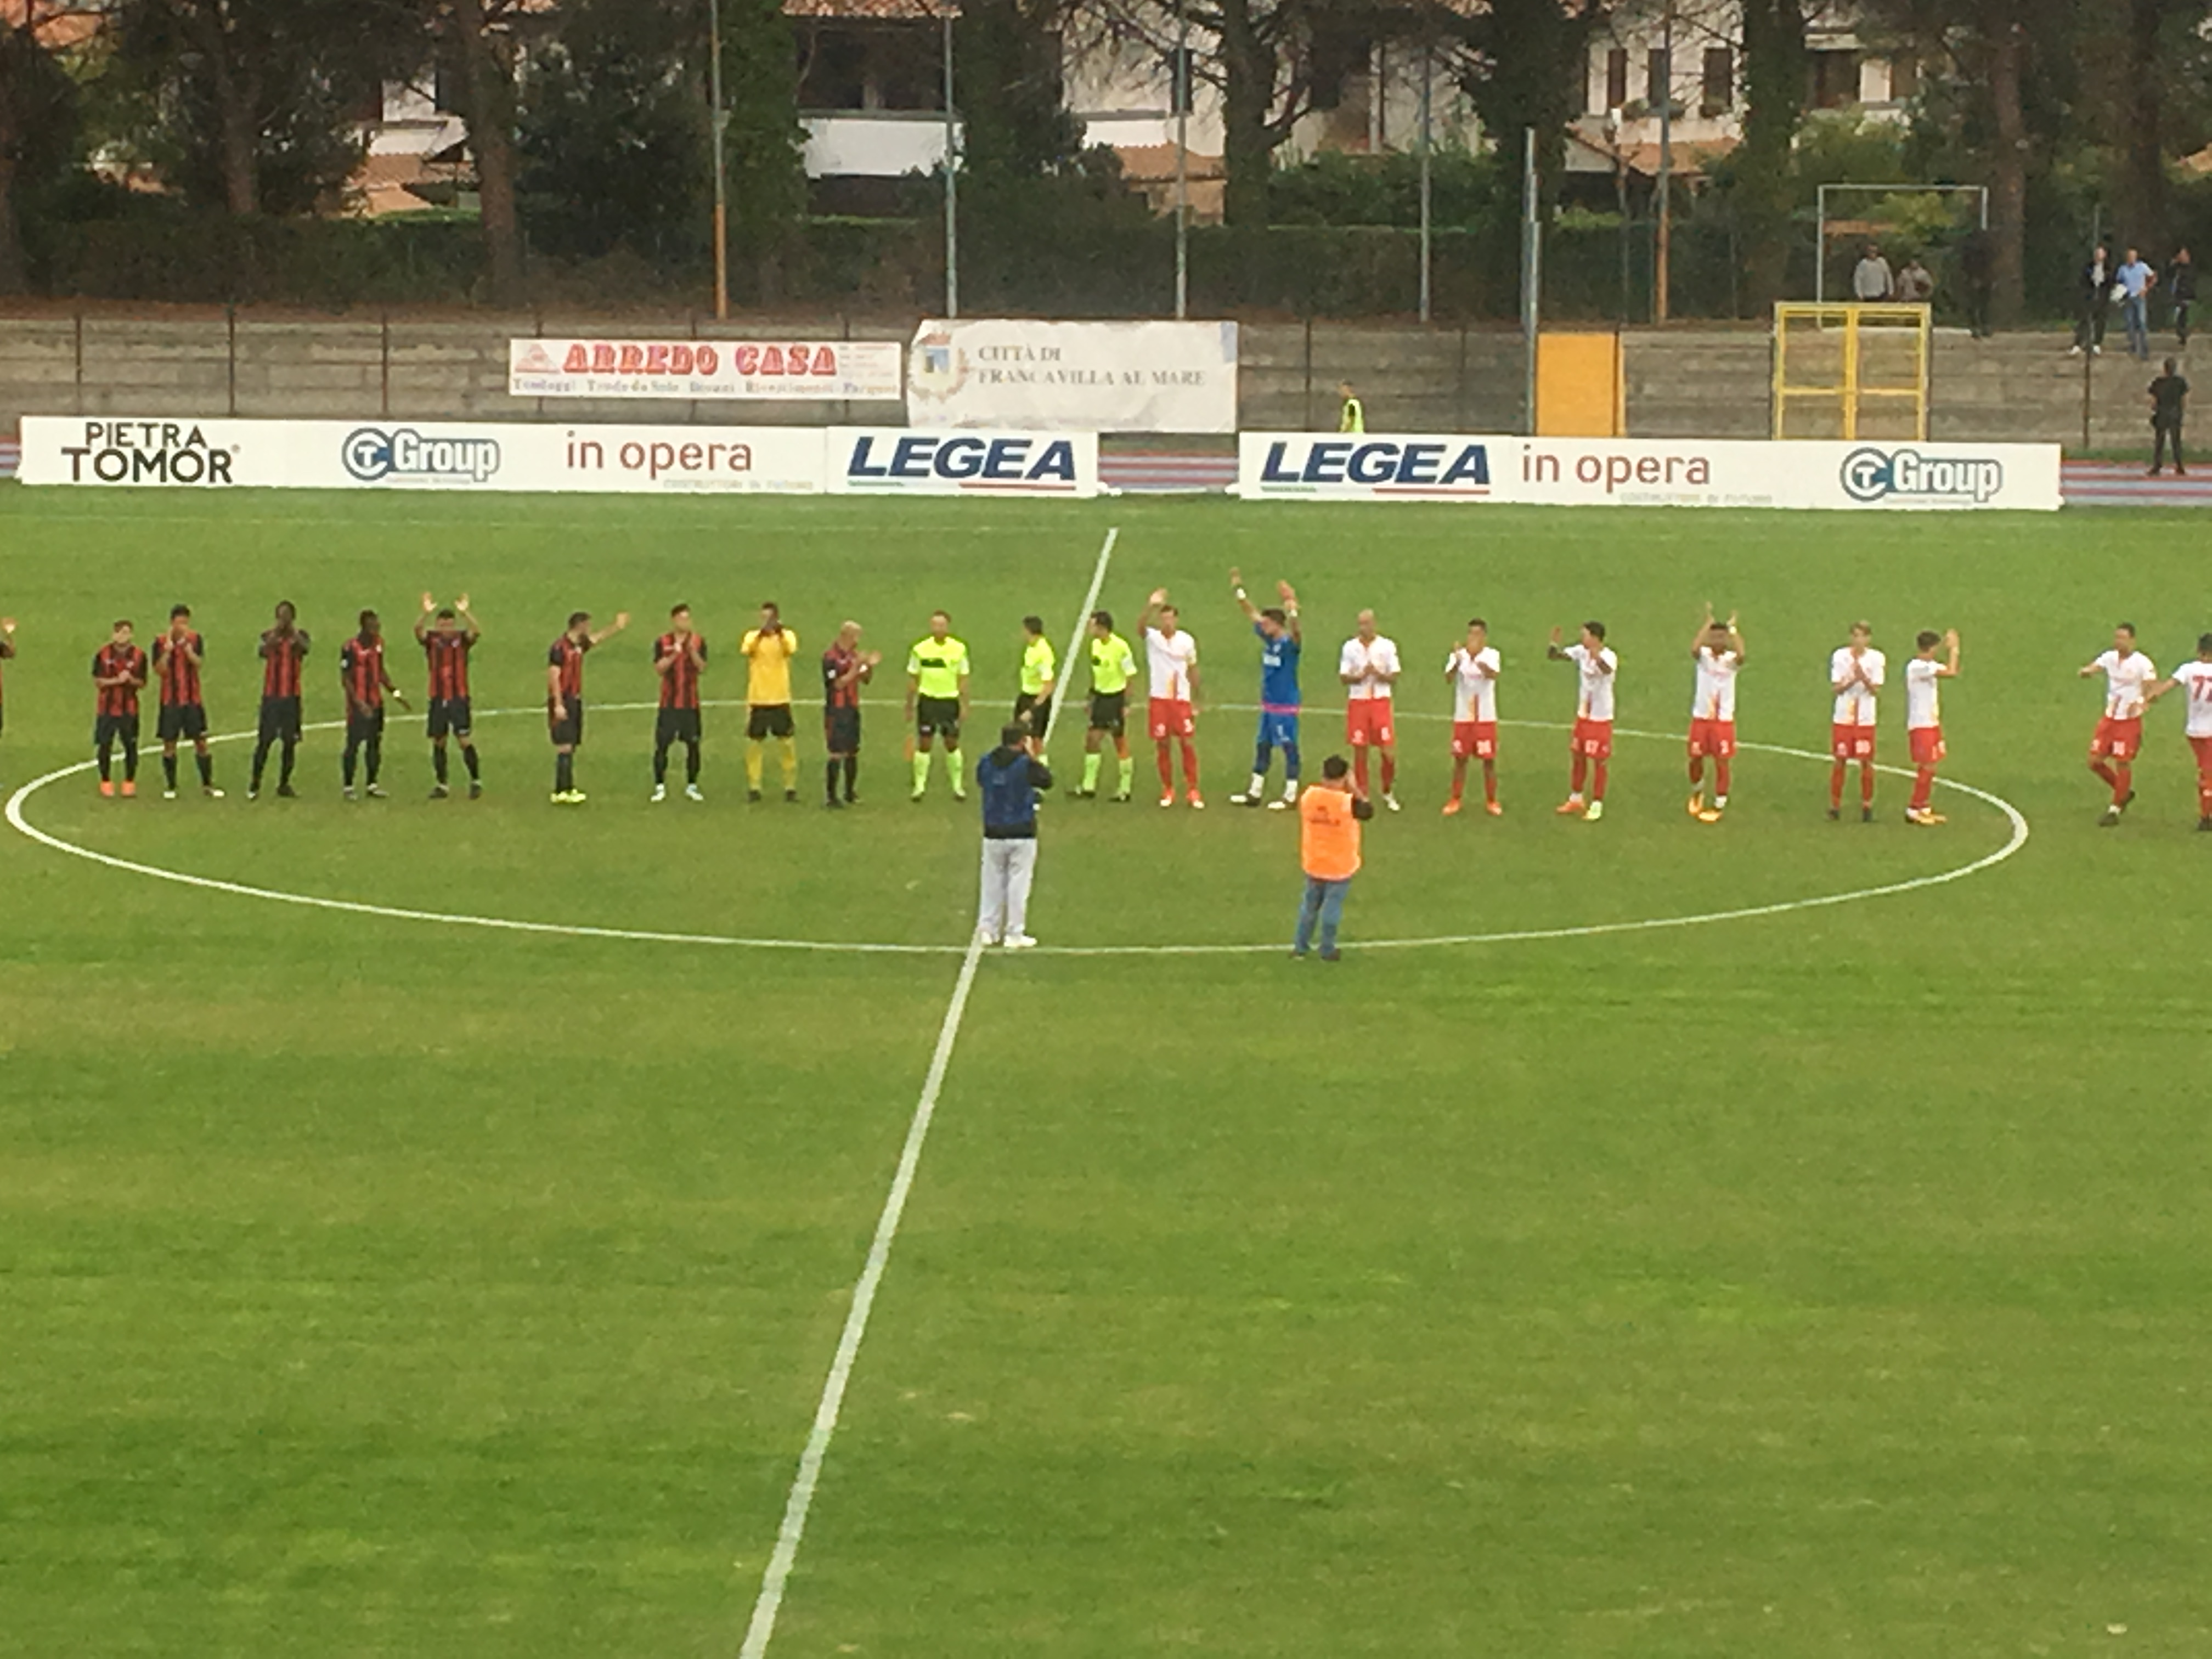 Serie D Francavilla L'Aquila – Risultato finale 3 2